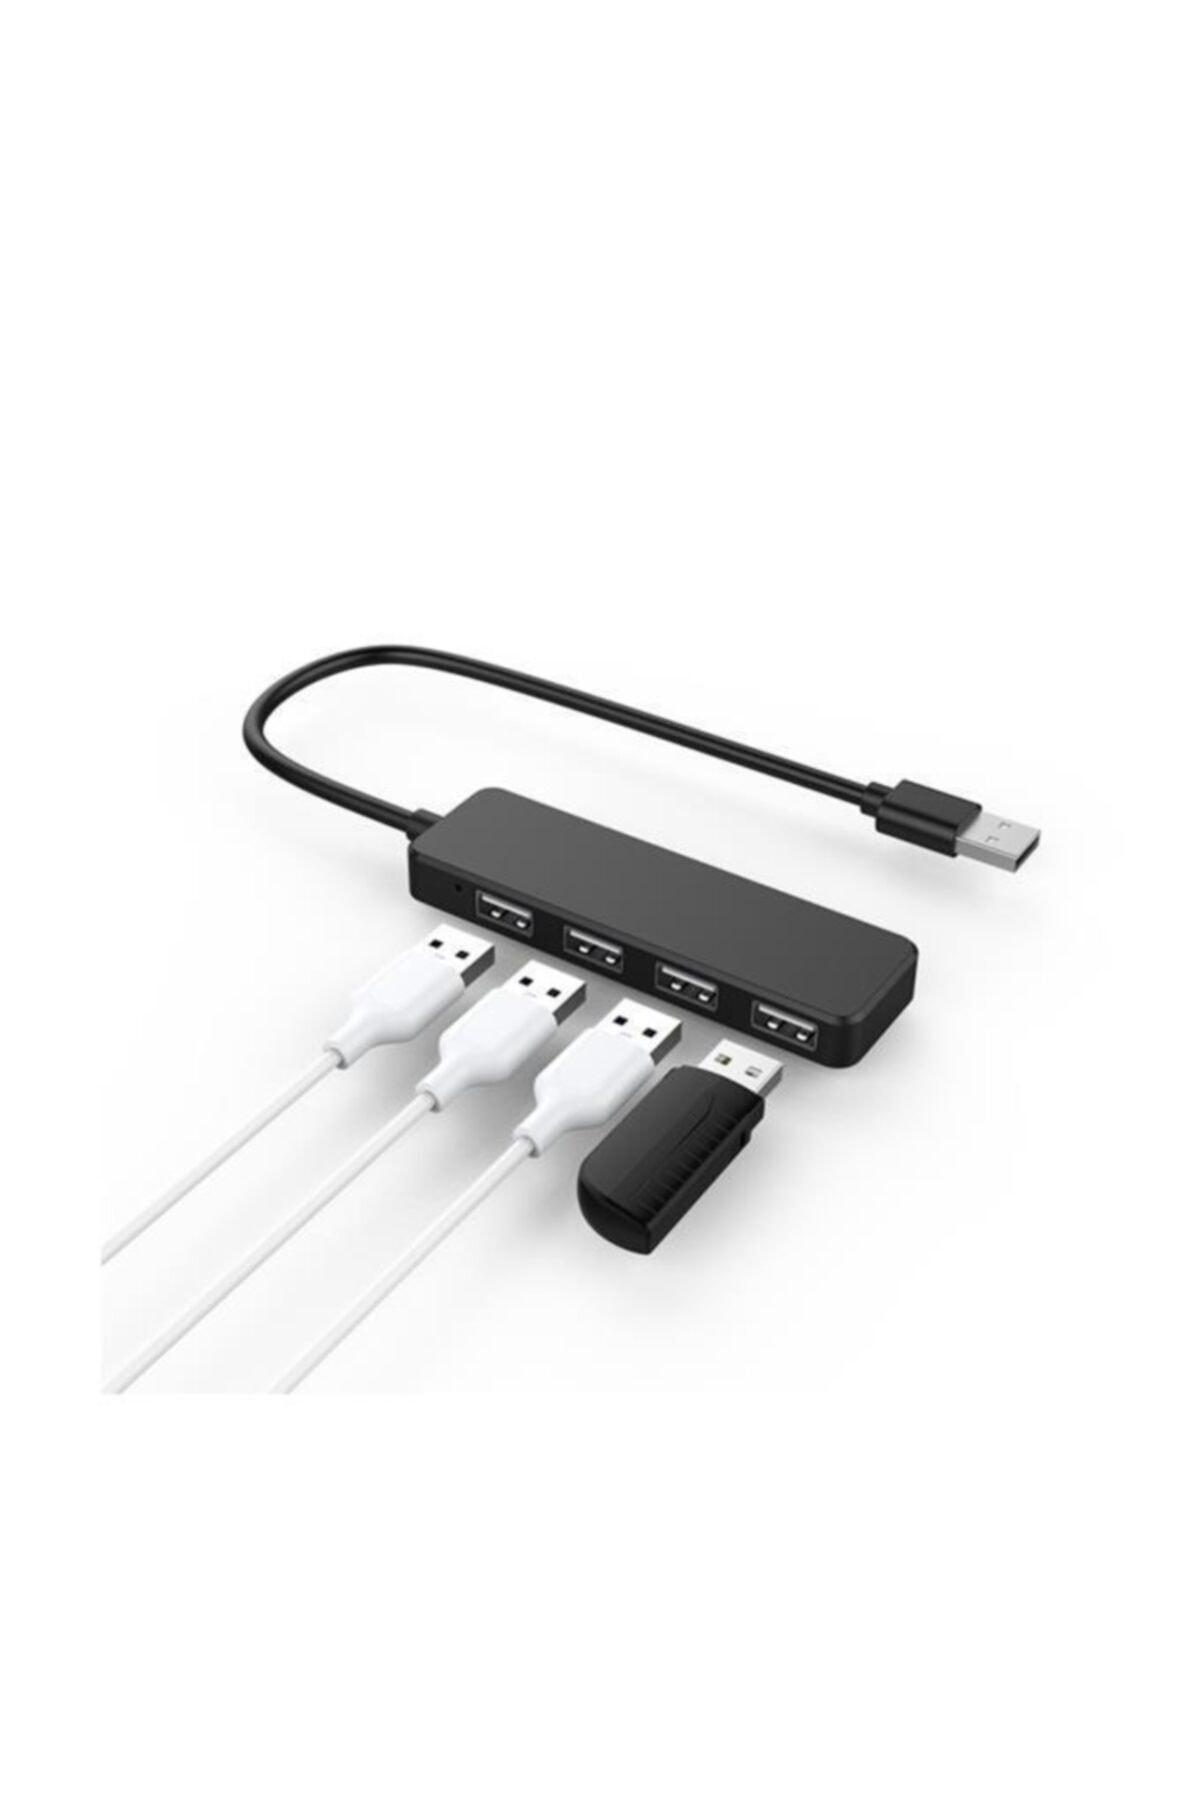 4 Port Usb 2.0 Hub Çoklayıcı Çoğaltıcı Çoklama Switch Splitter Ultra Slim